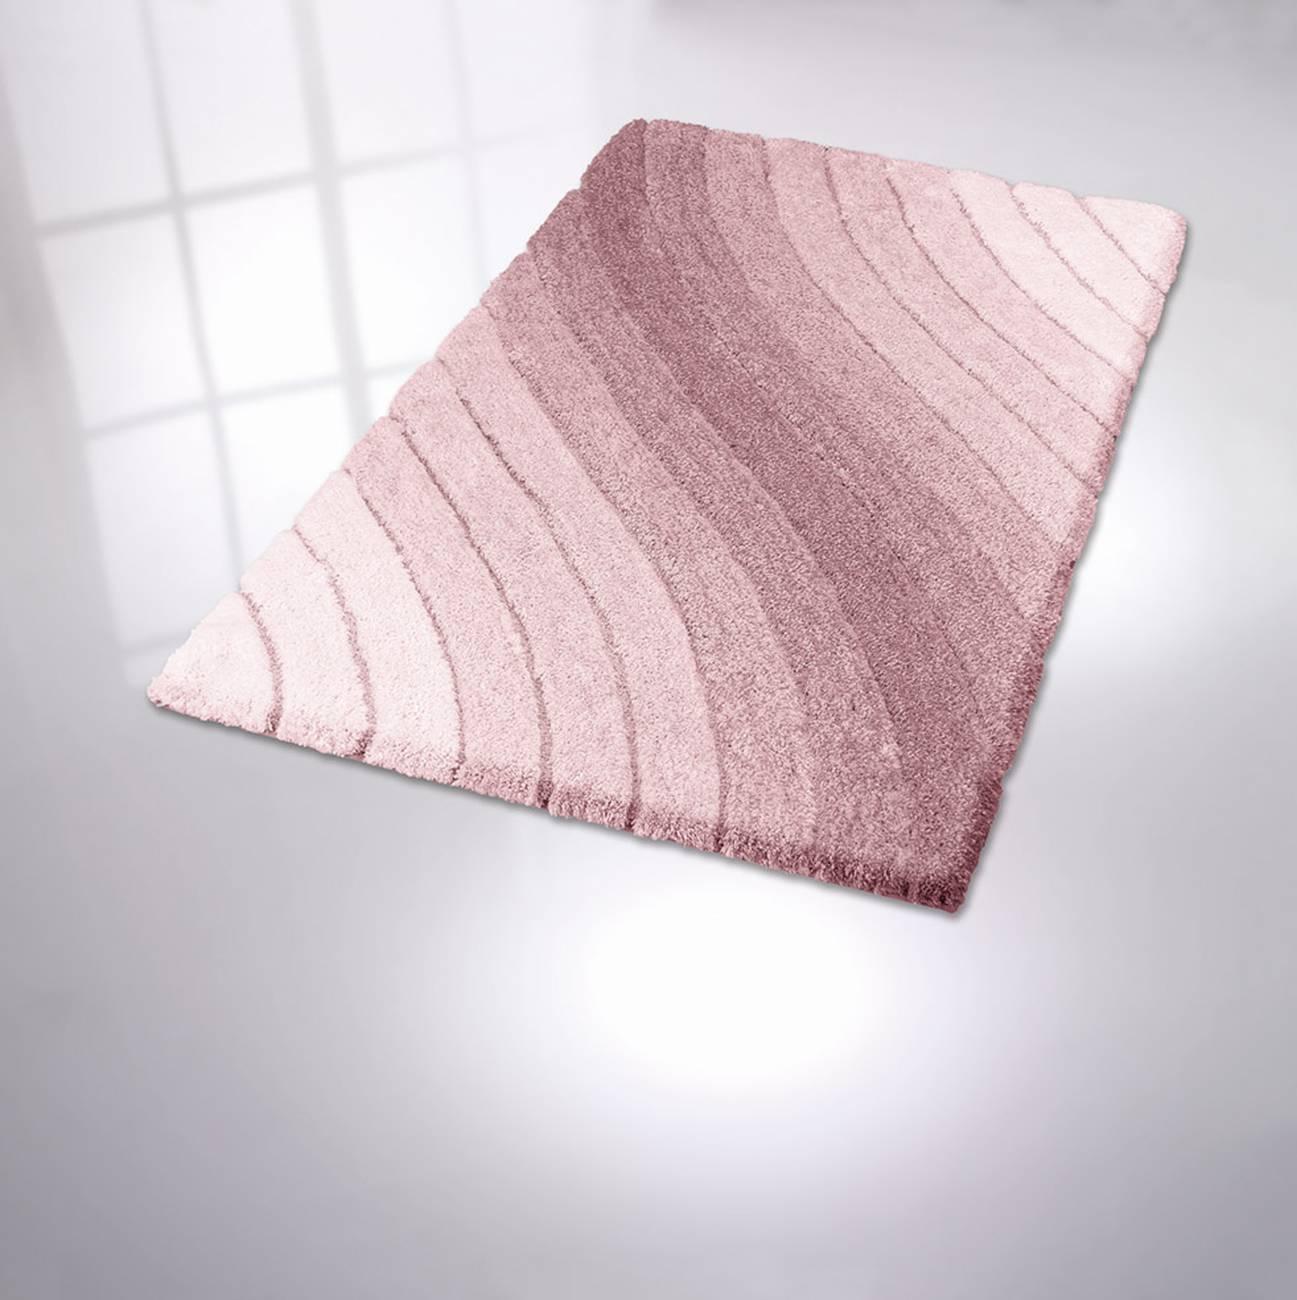 Badteppich Tender 100 % Polyester Sandbeige 70x120 cm